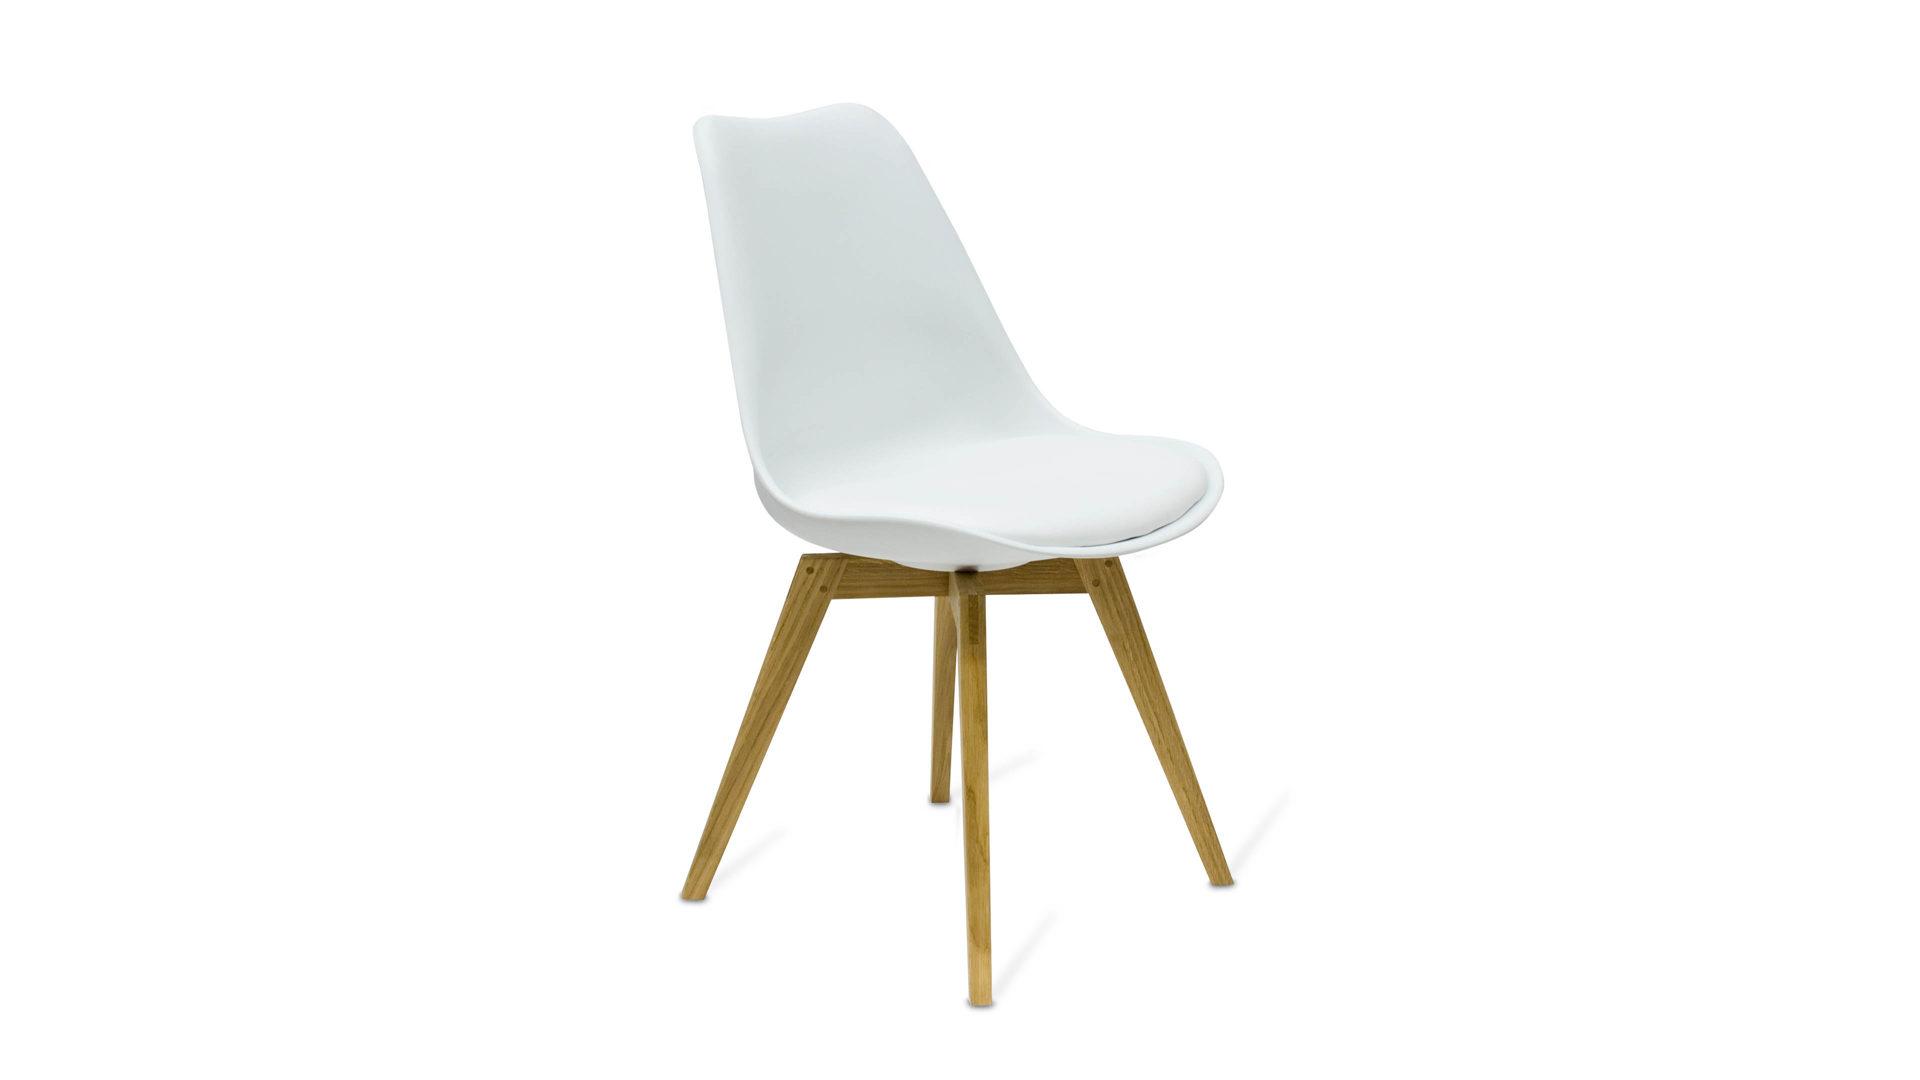 Anspruchsvoll Weisse Stühle Foto Von Einrichtungspartnerring, Markenshops, Tische + Stühle , Stuhl,